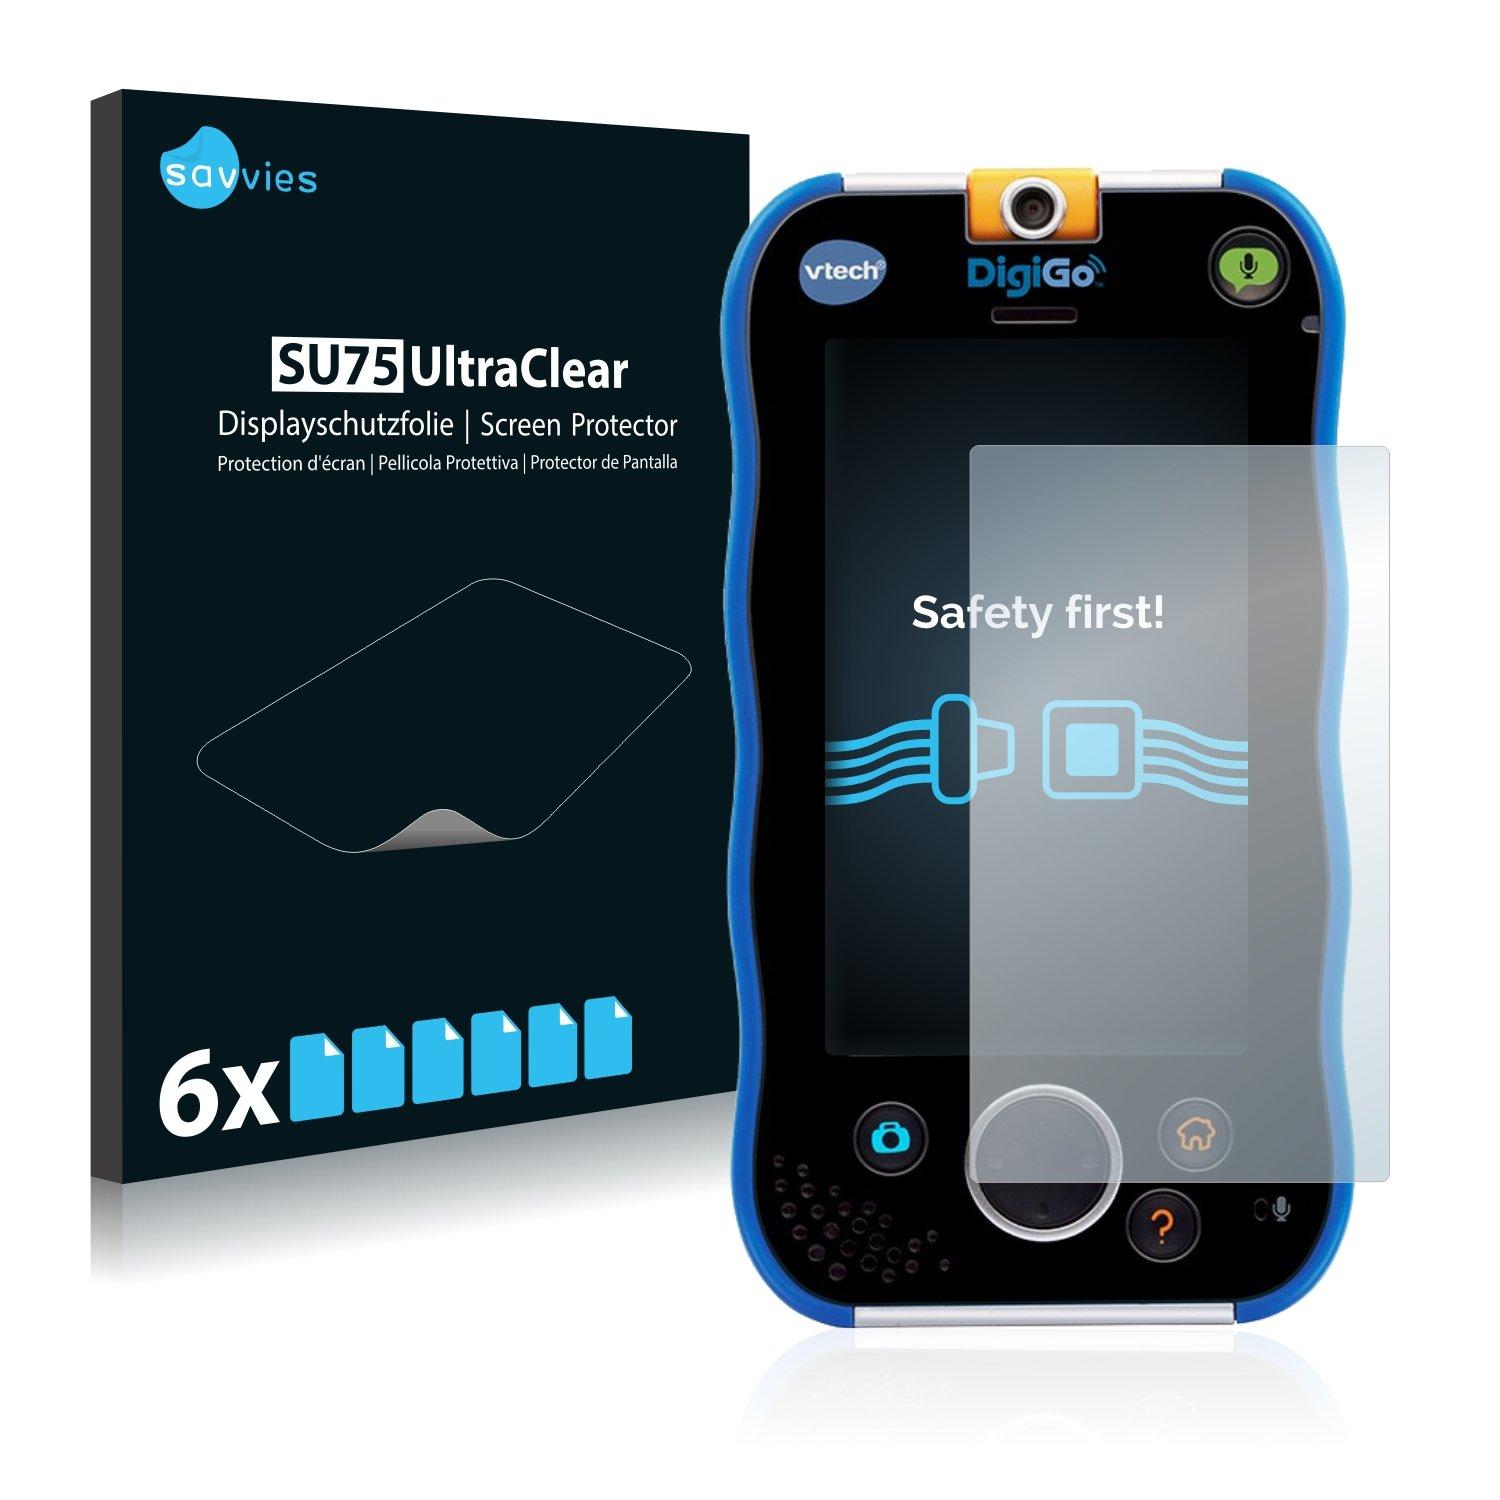 VTech Funda Kidicom MAX Color Azul 3480-401649